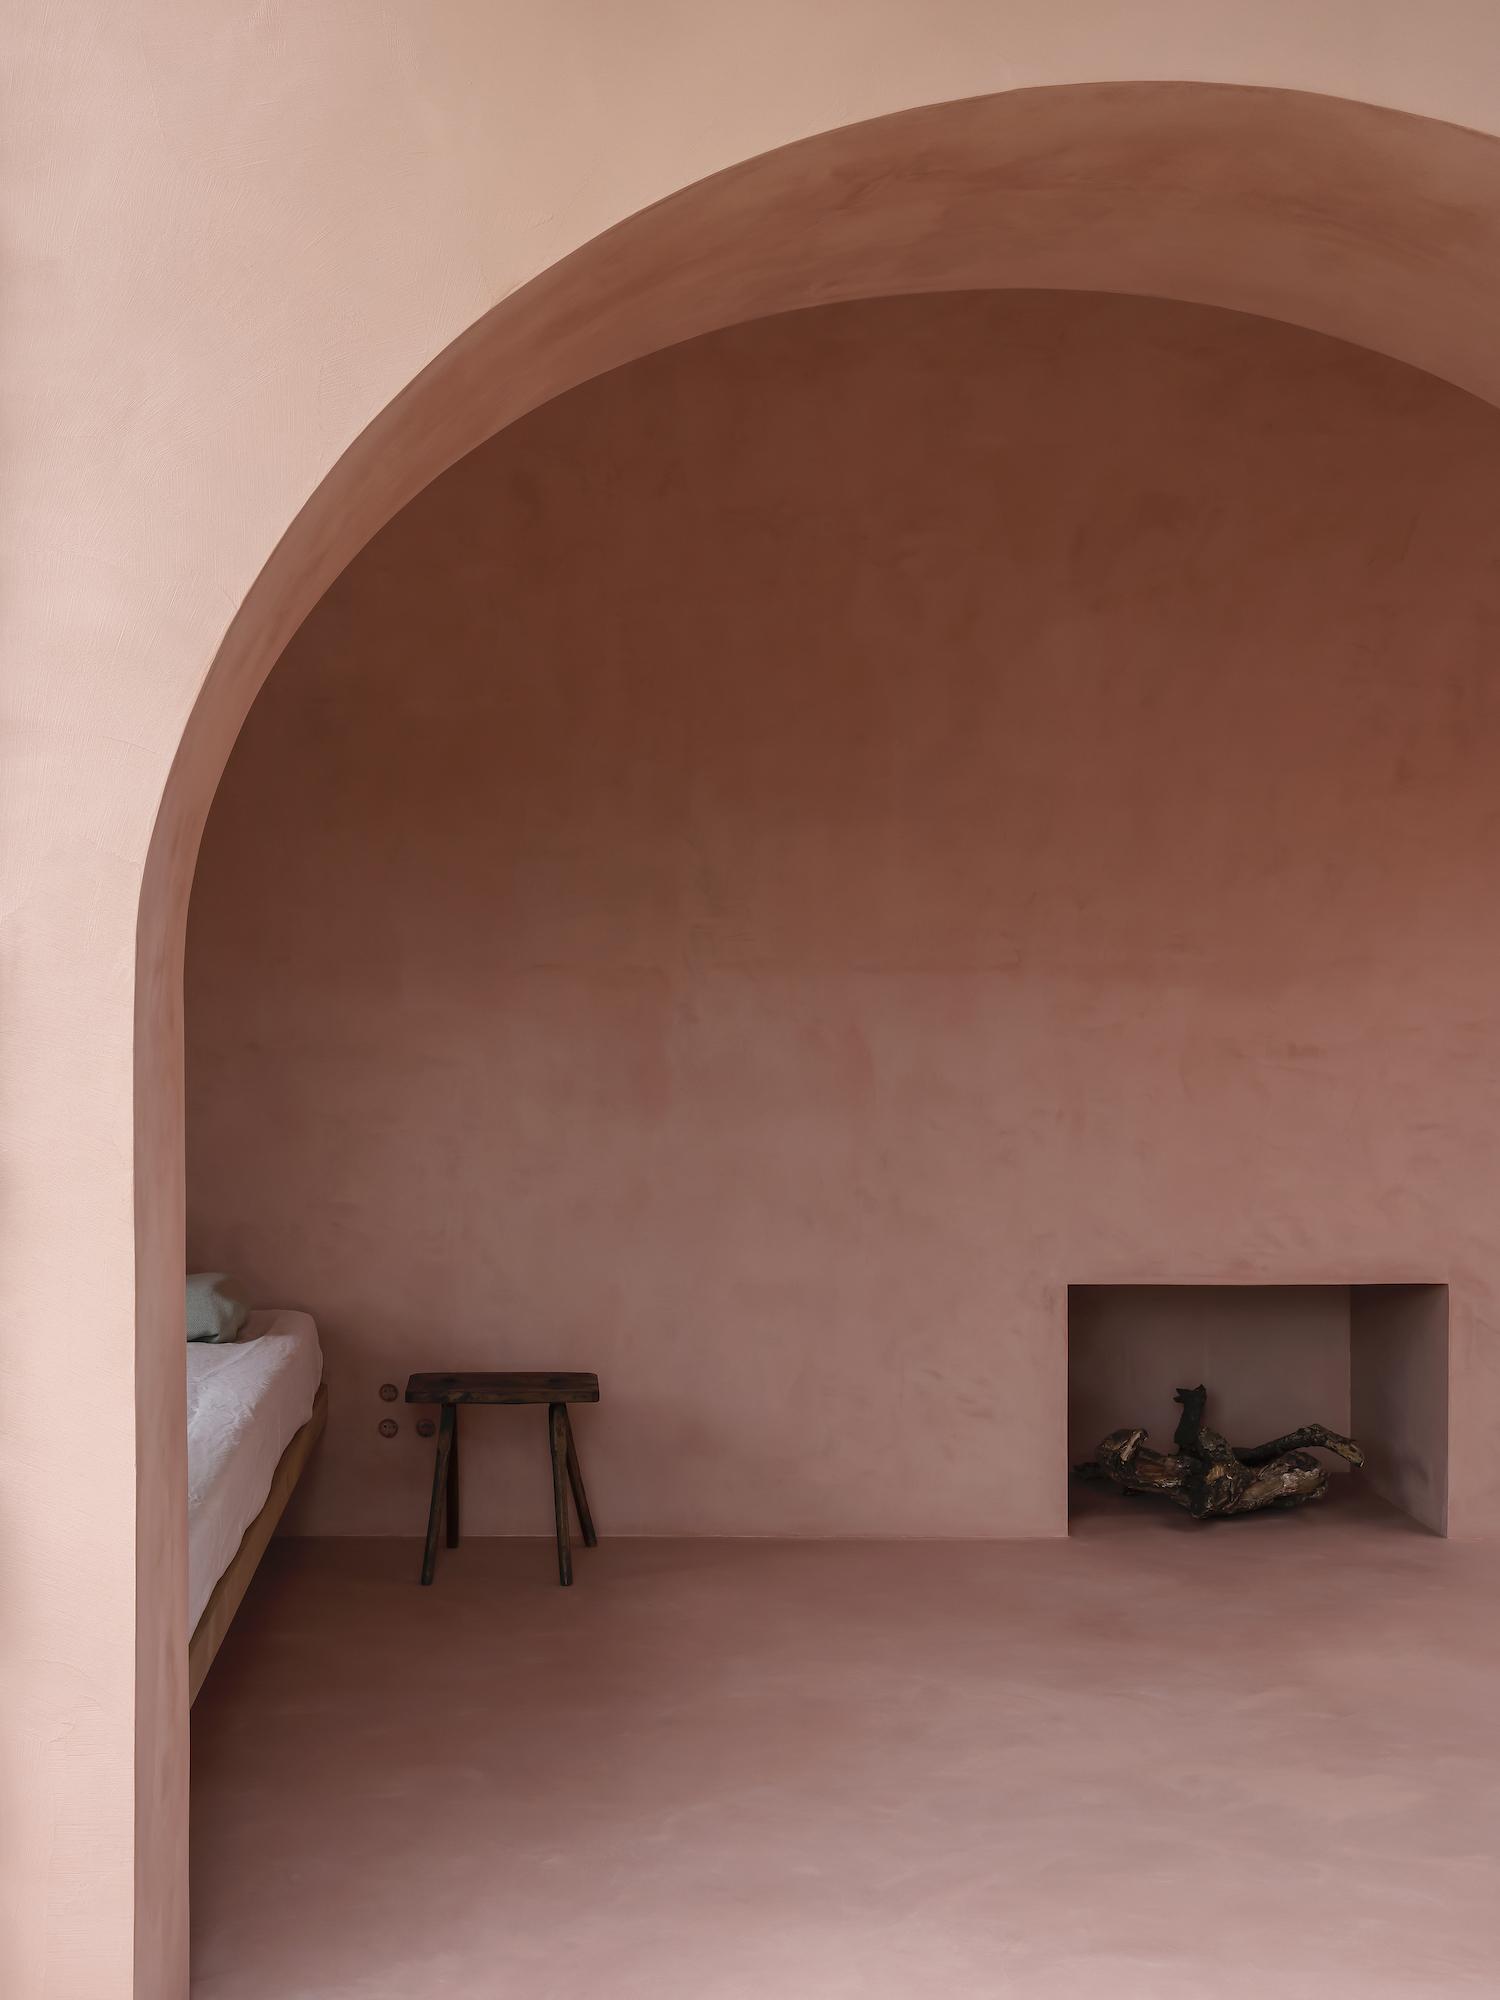 est living olive houses mar plus ask 03